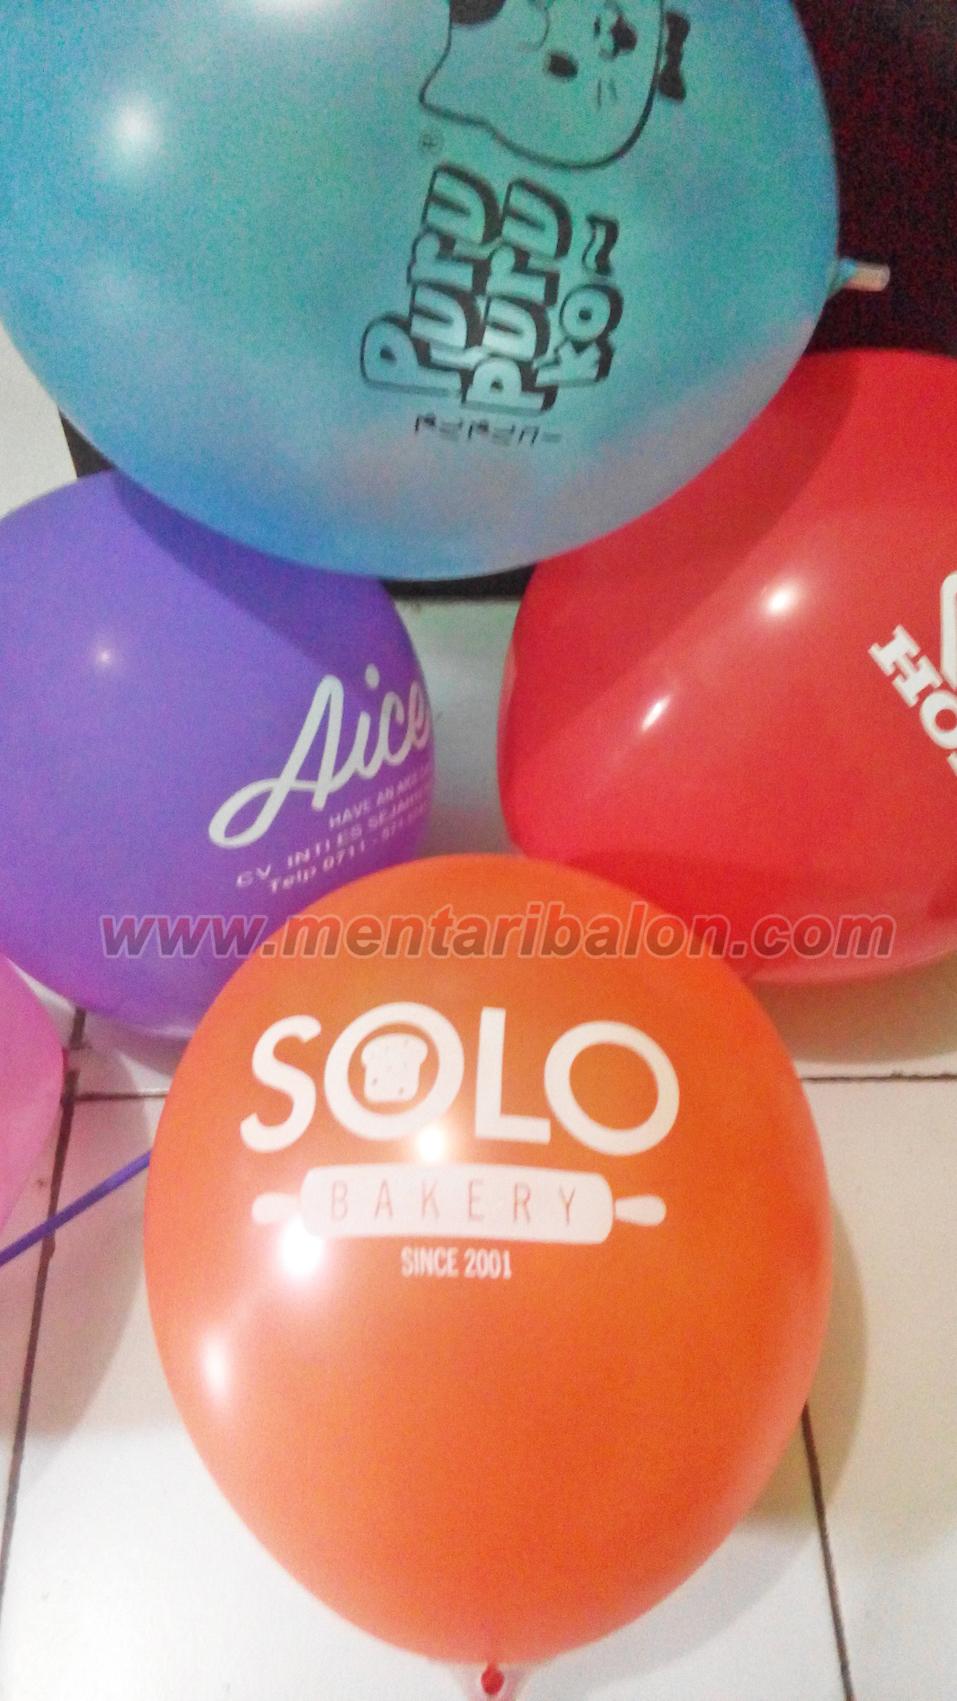 balon sablon bakery solo